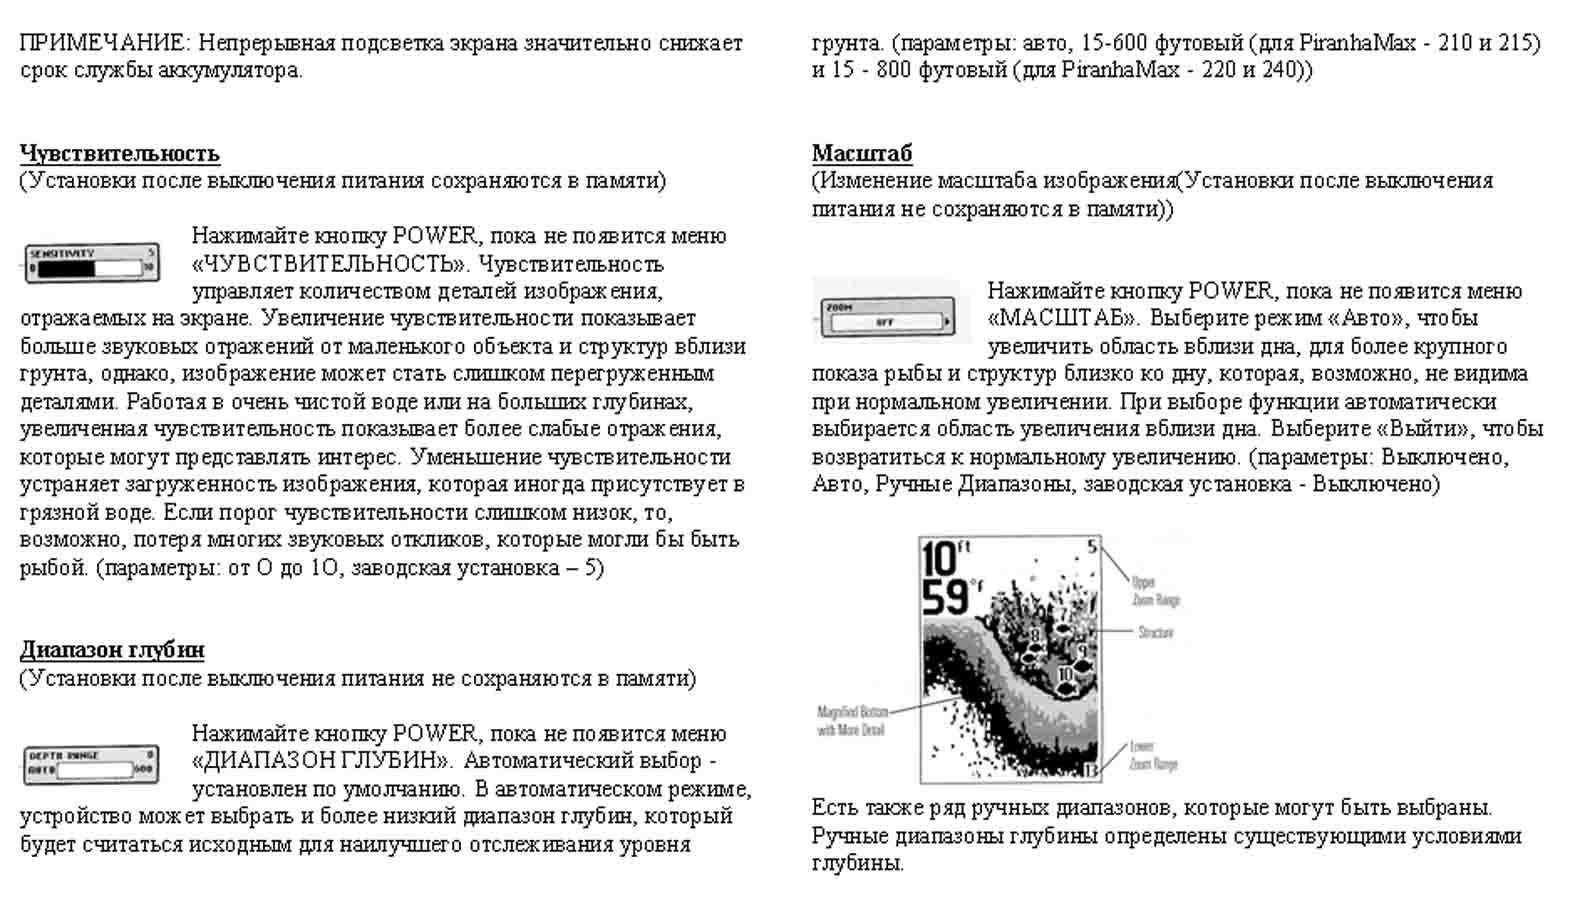 где скачать инструкцию на русском humminbird piranhamax 180